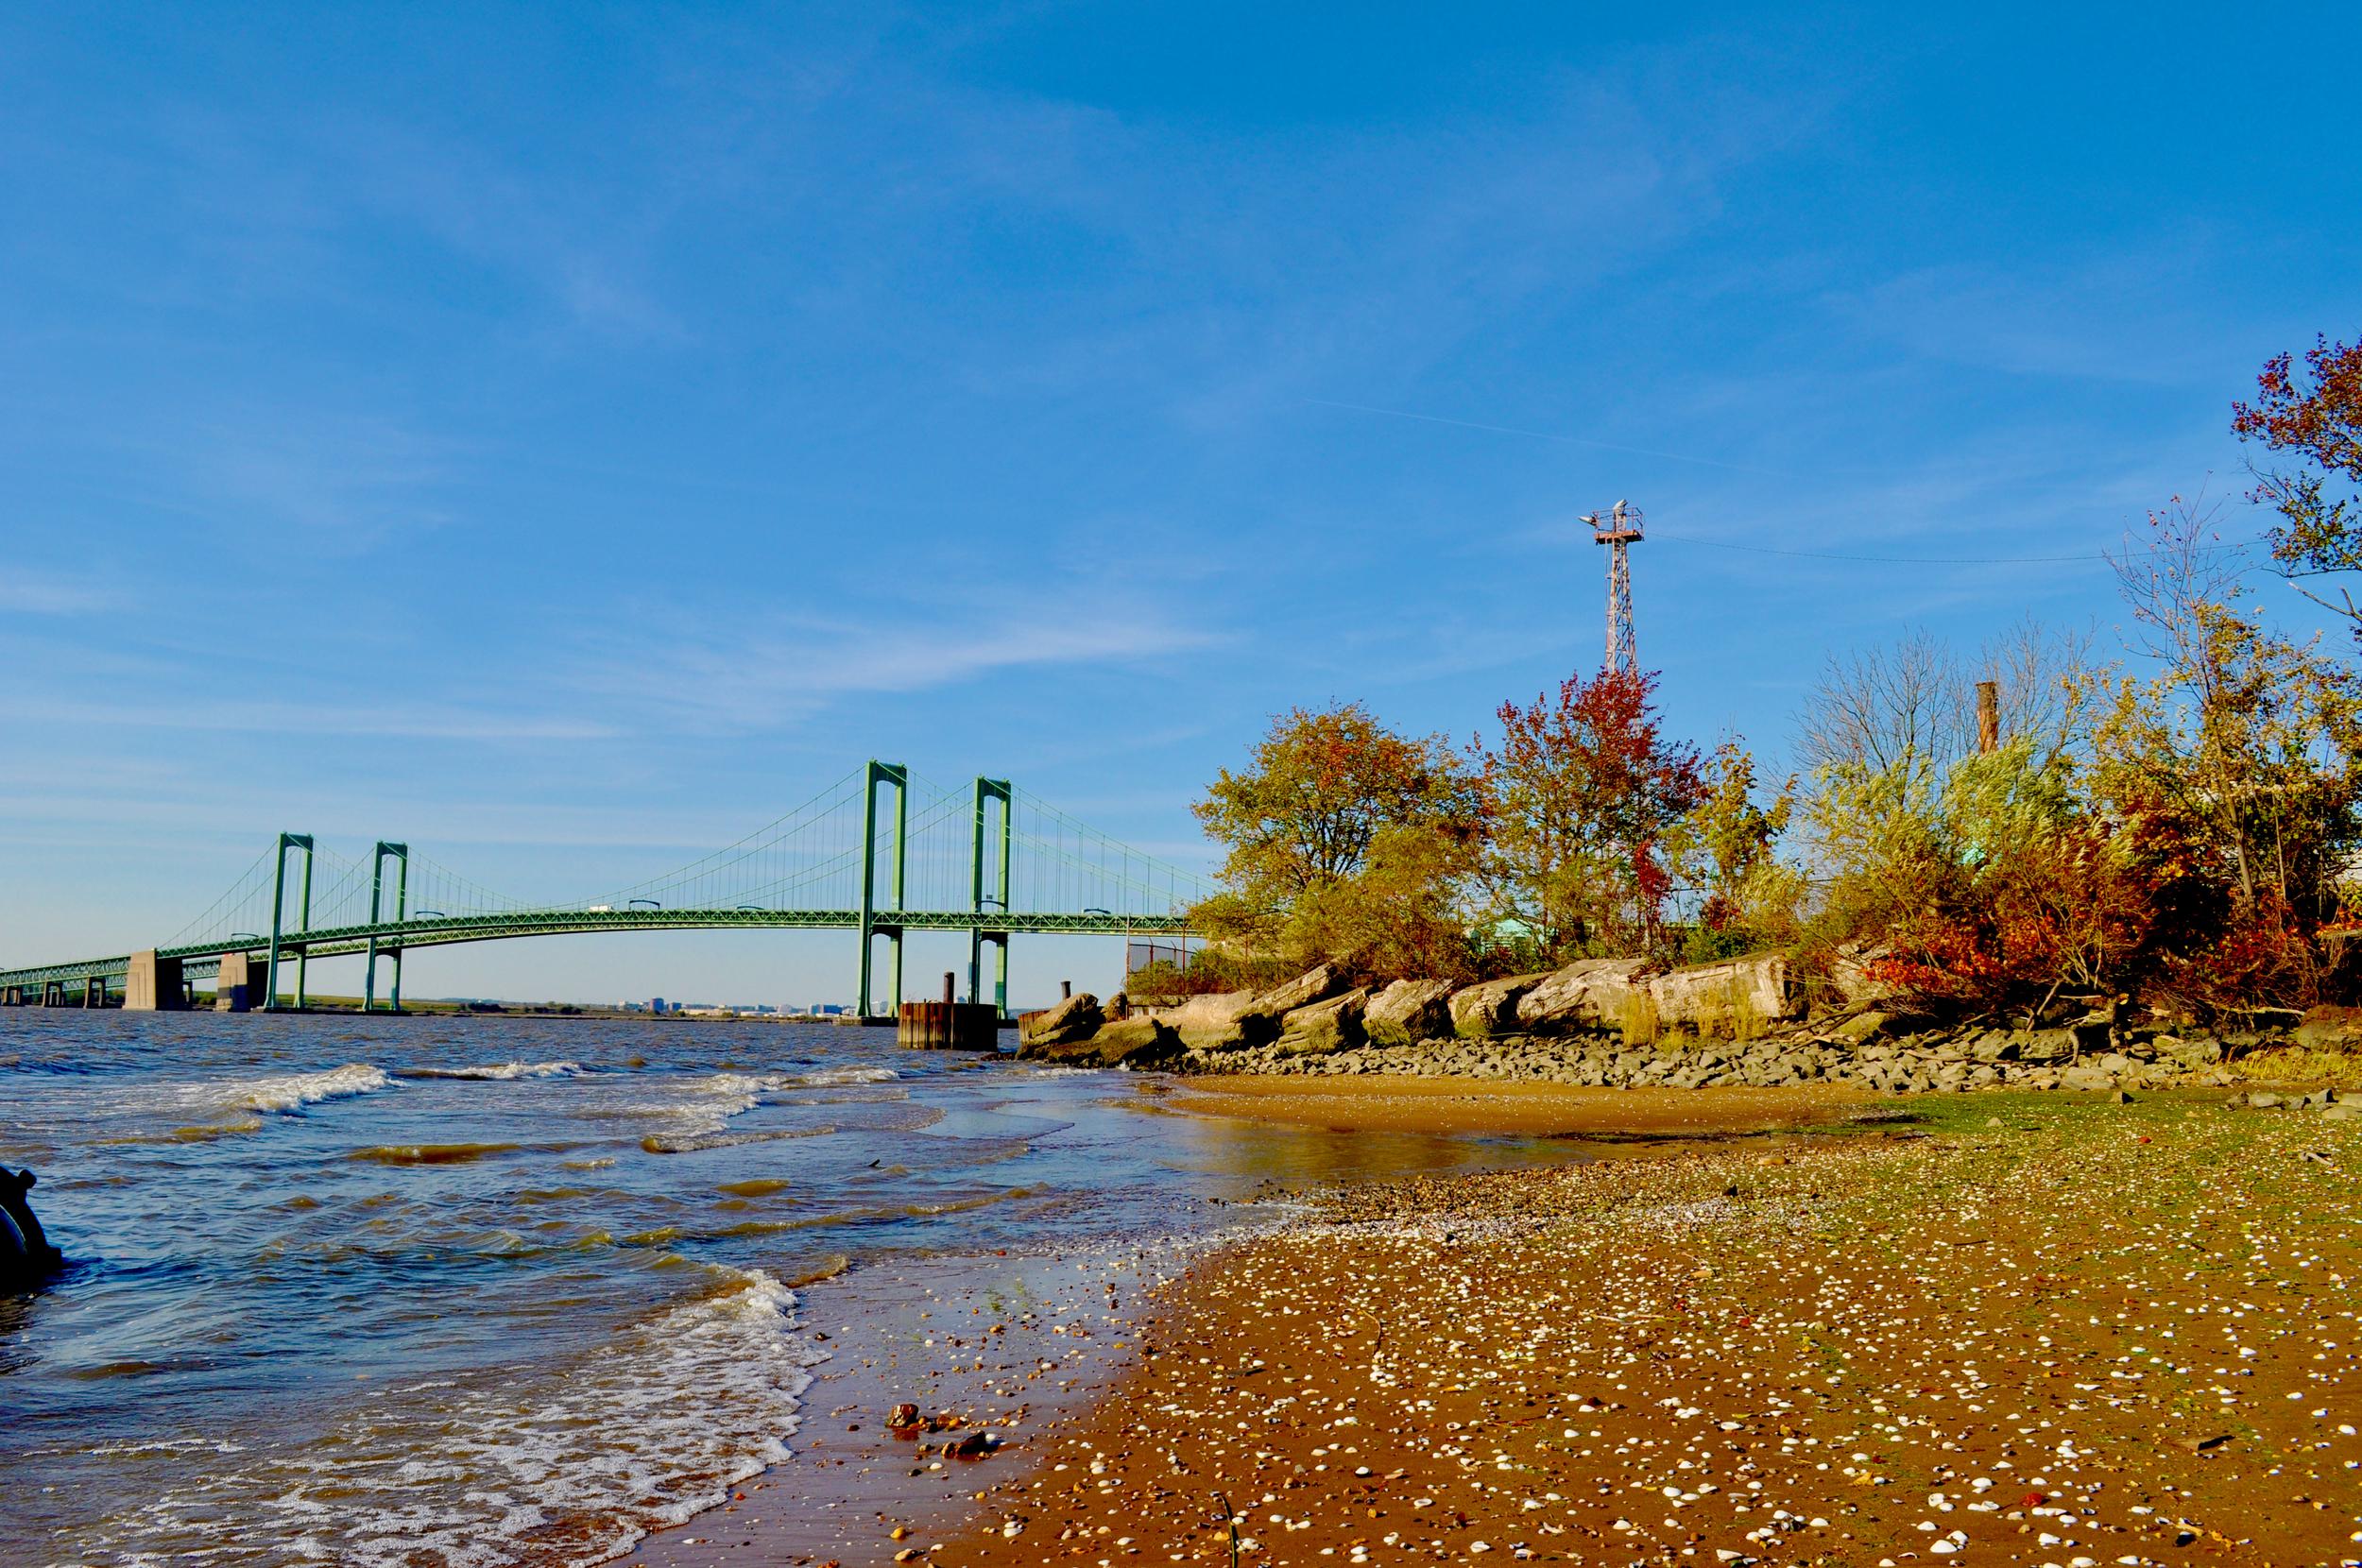 Delaware Memorial Bridge connecting New Jersey & Delaware